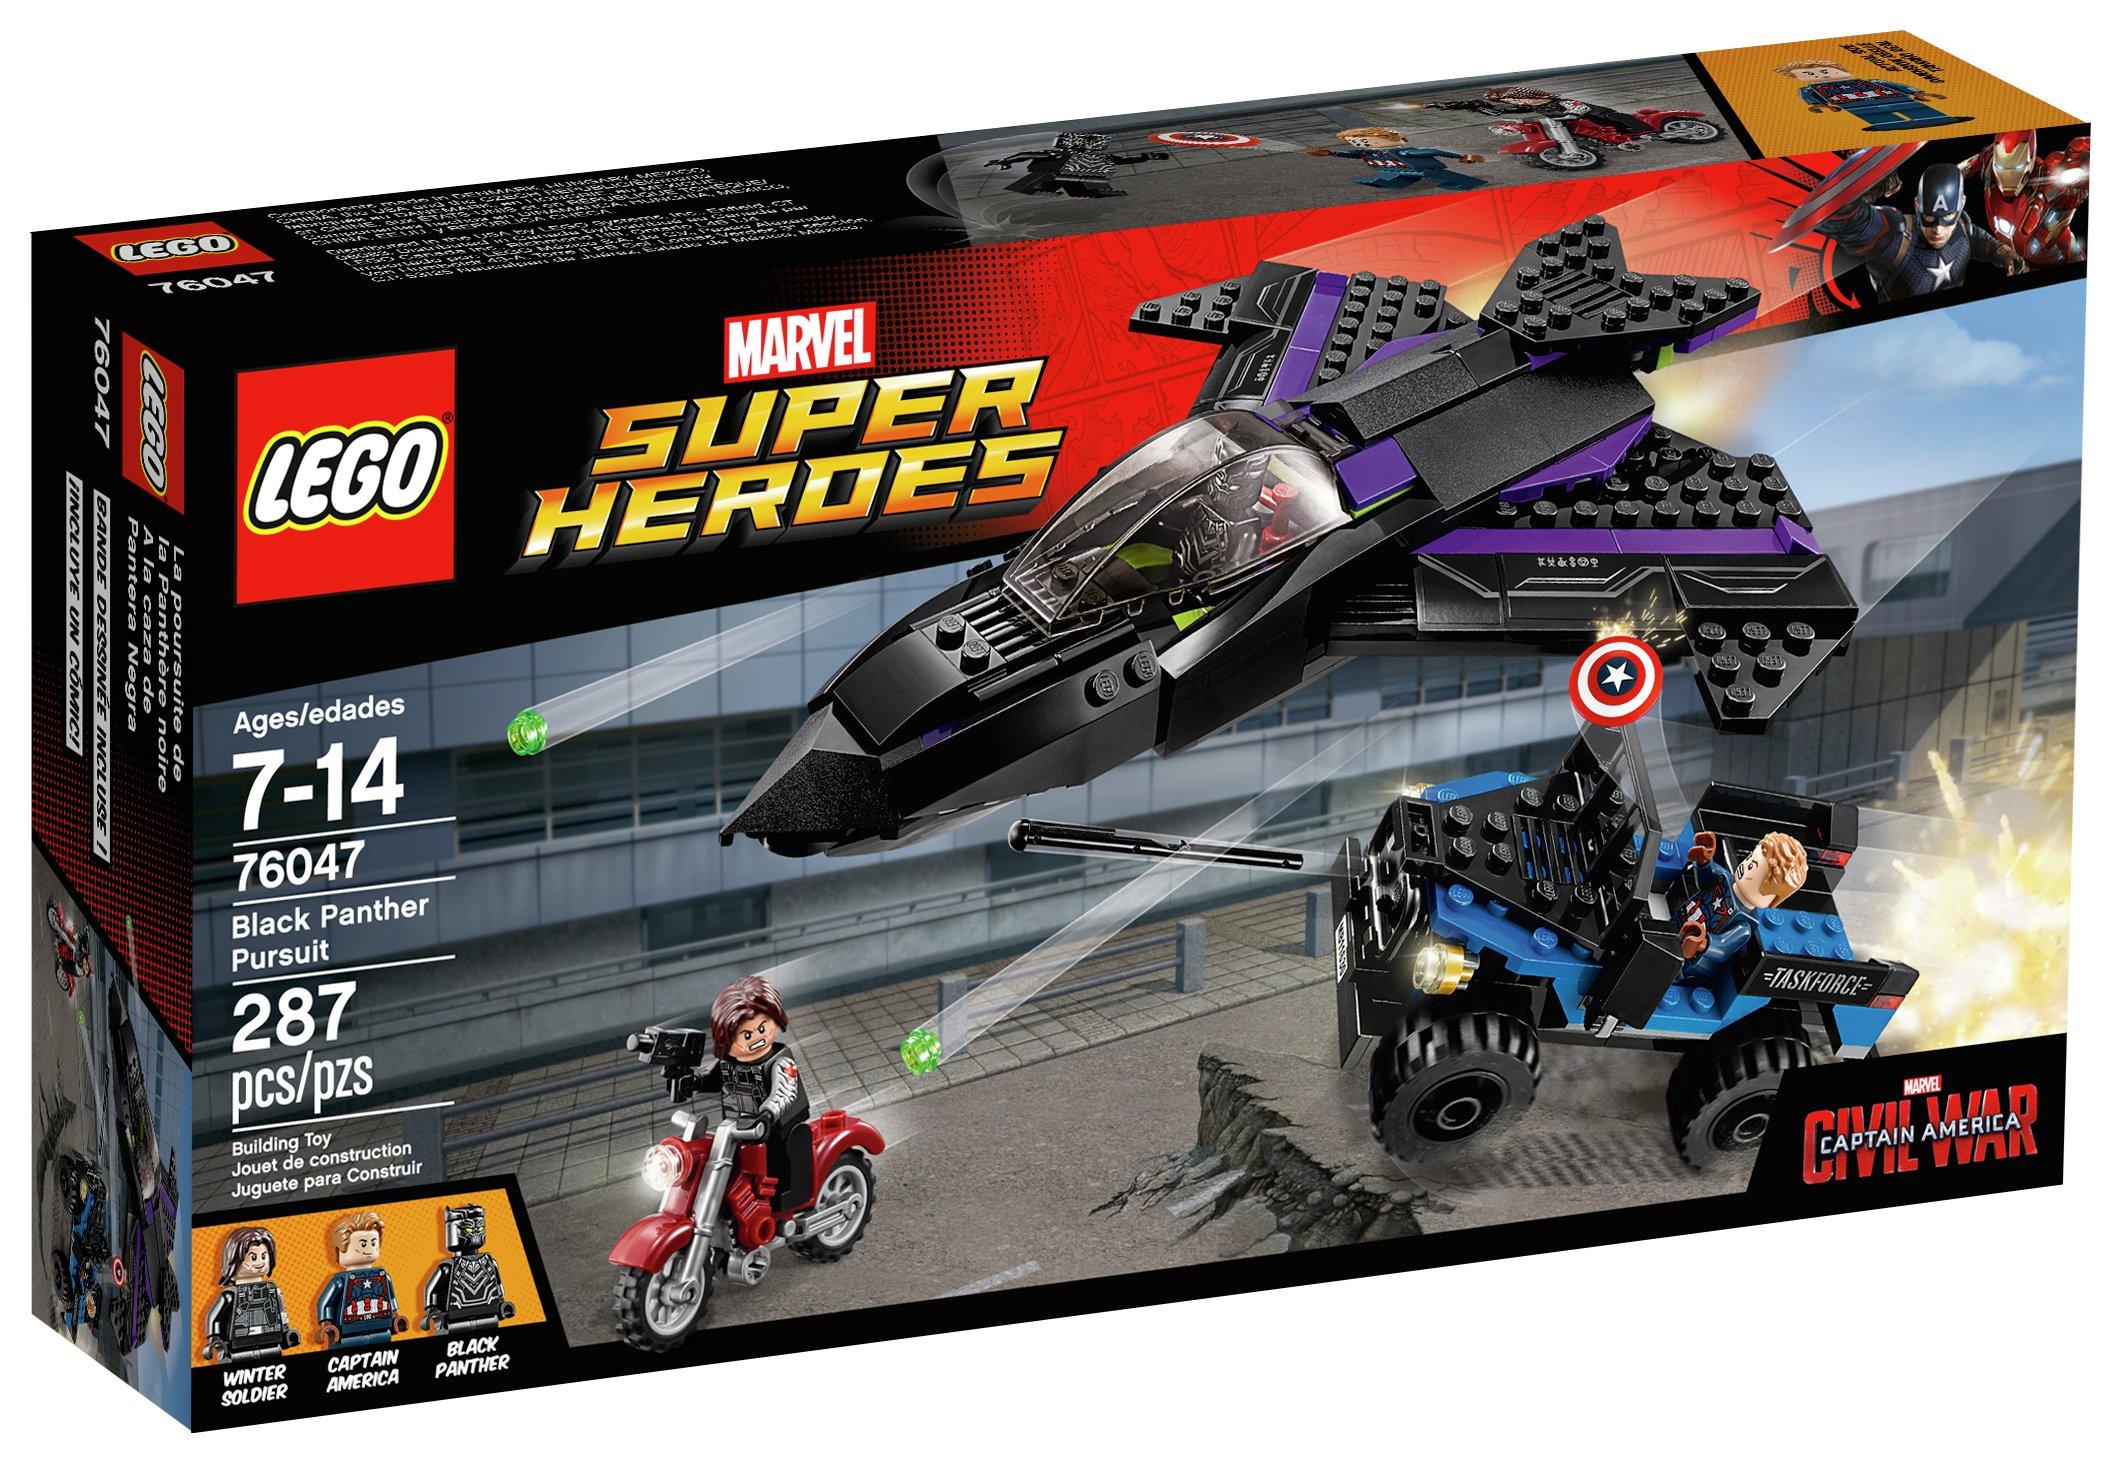 Image of LEGO Marvel Super Heroes Black Panther Pursuit - 76047